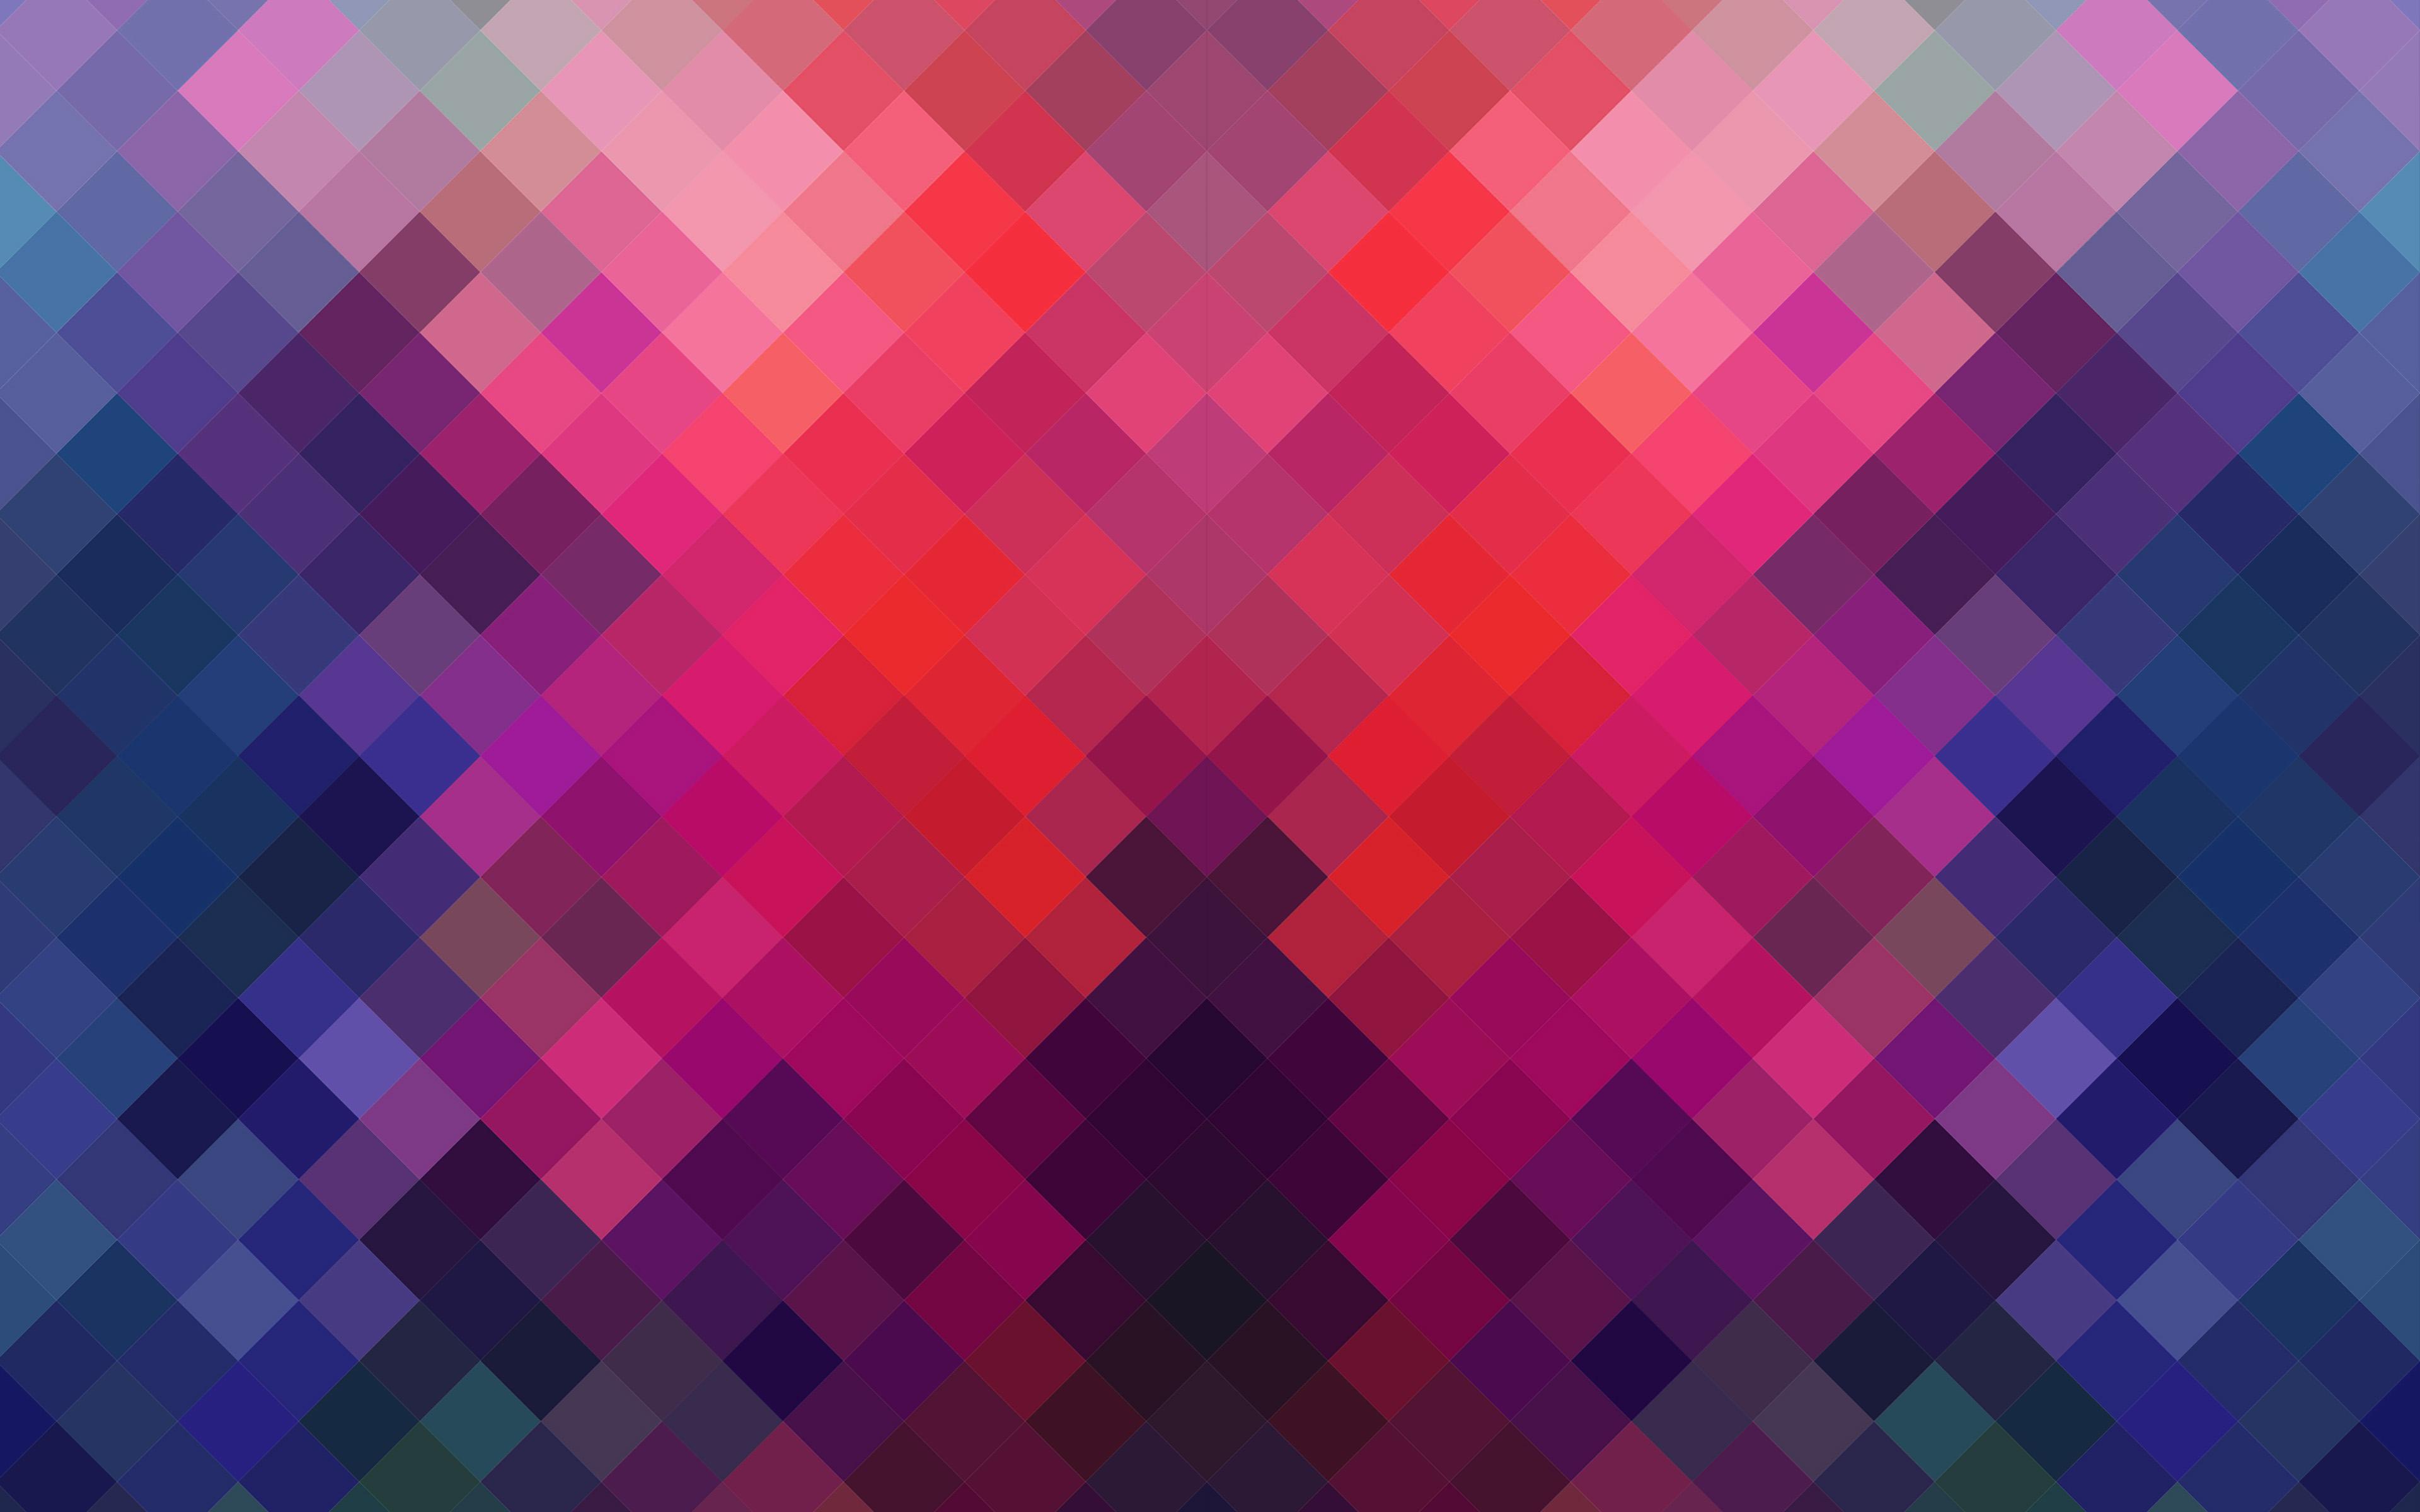 Fantastic Wallpaper Macbook Geometric - papers  Photograph_92806.jpg